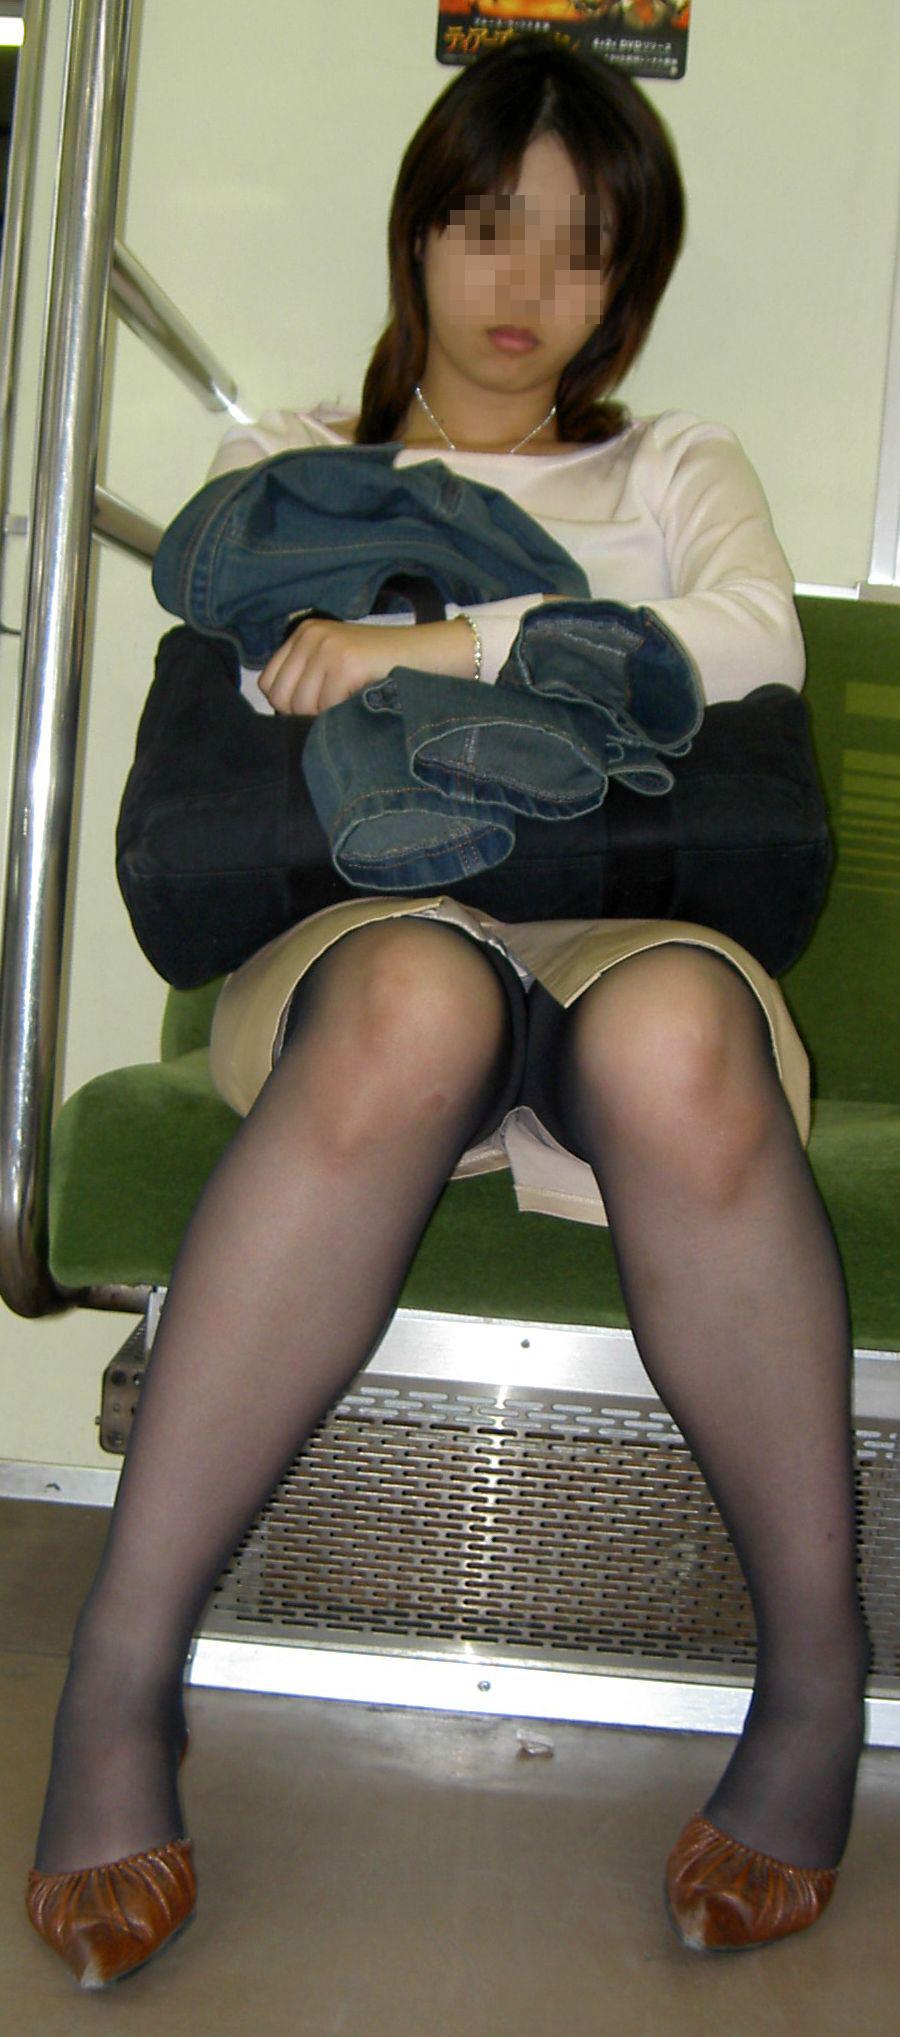 【パンチラエロ画像】対面さえとれば後はこっそり…電車内のパンチラ観察www 18